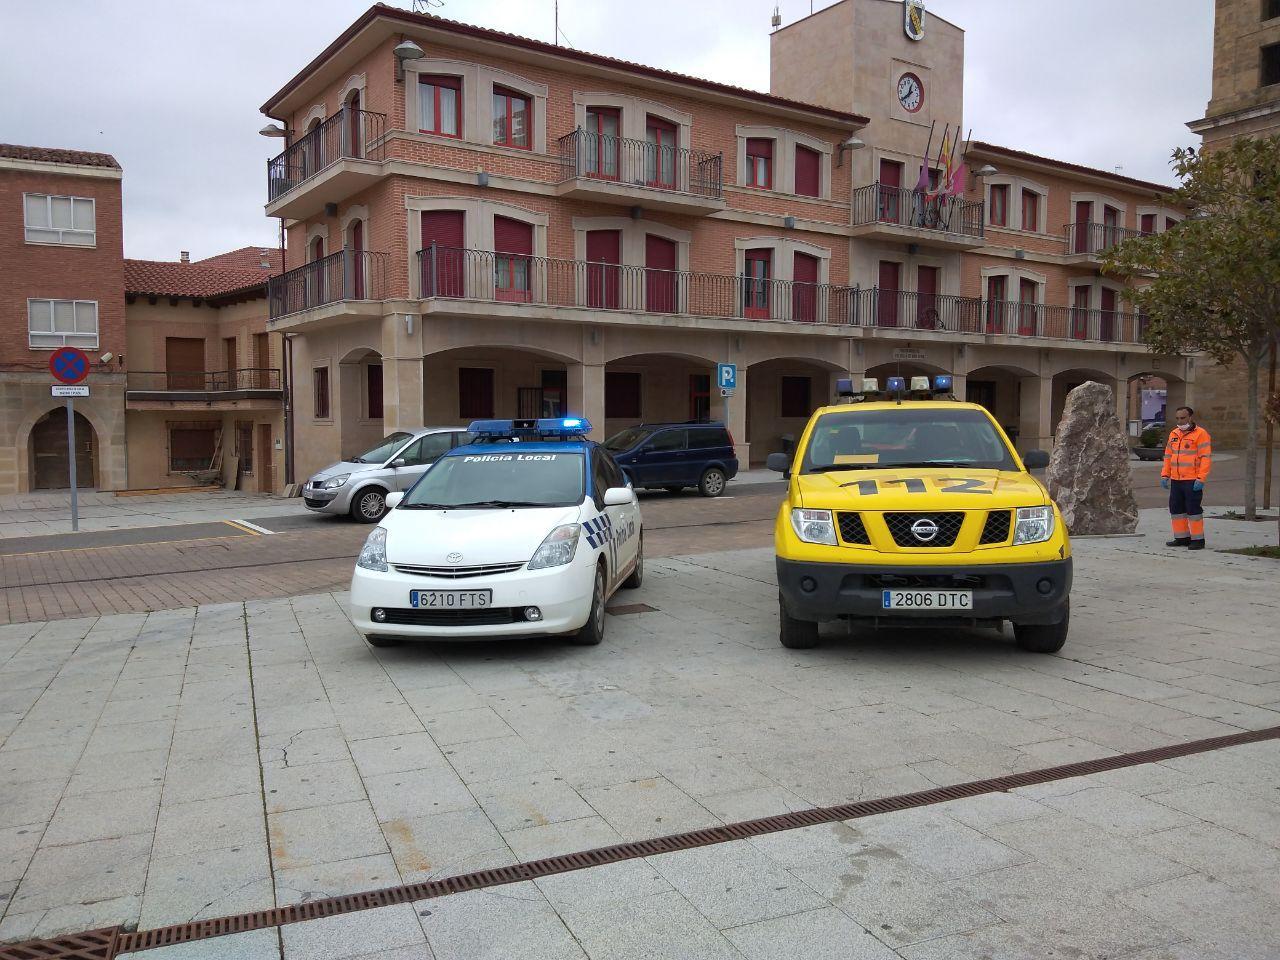 El Ayuntamiento de valencia de don juan repartirá un kit de gel y mascarilla